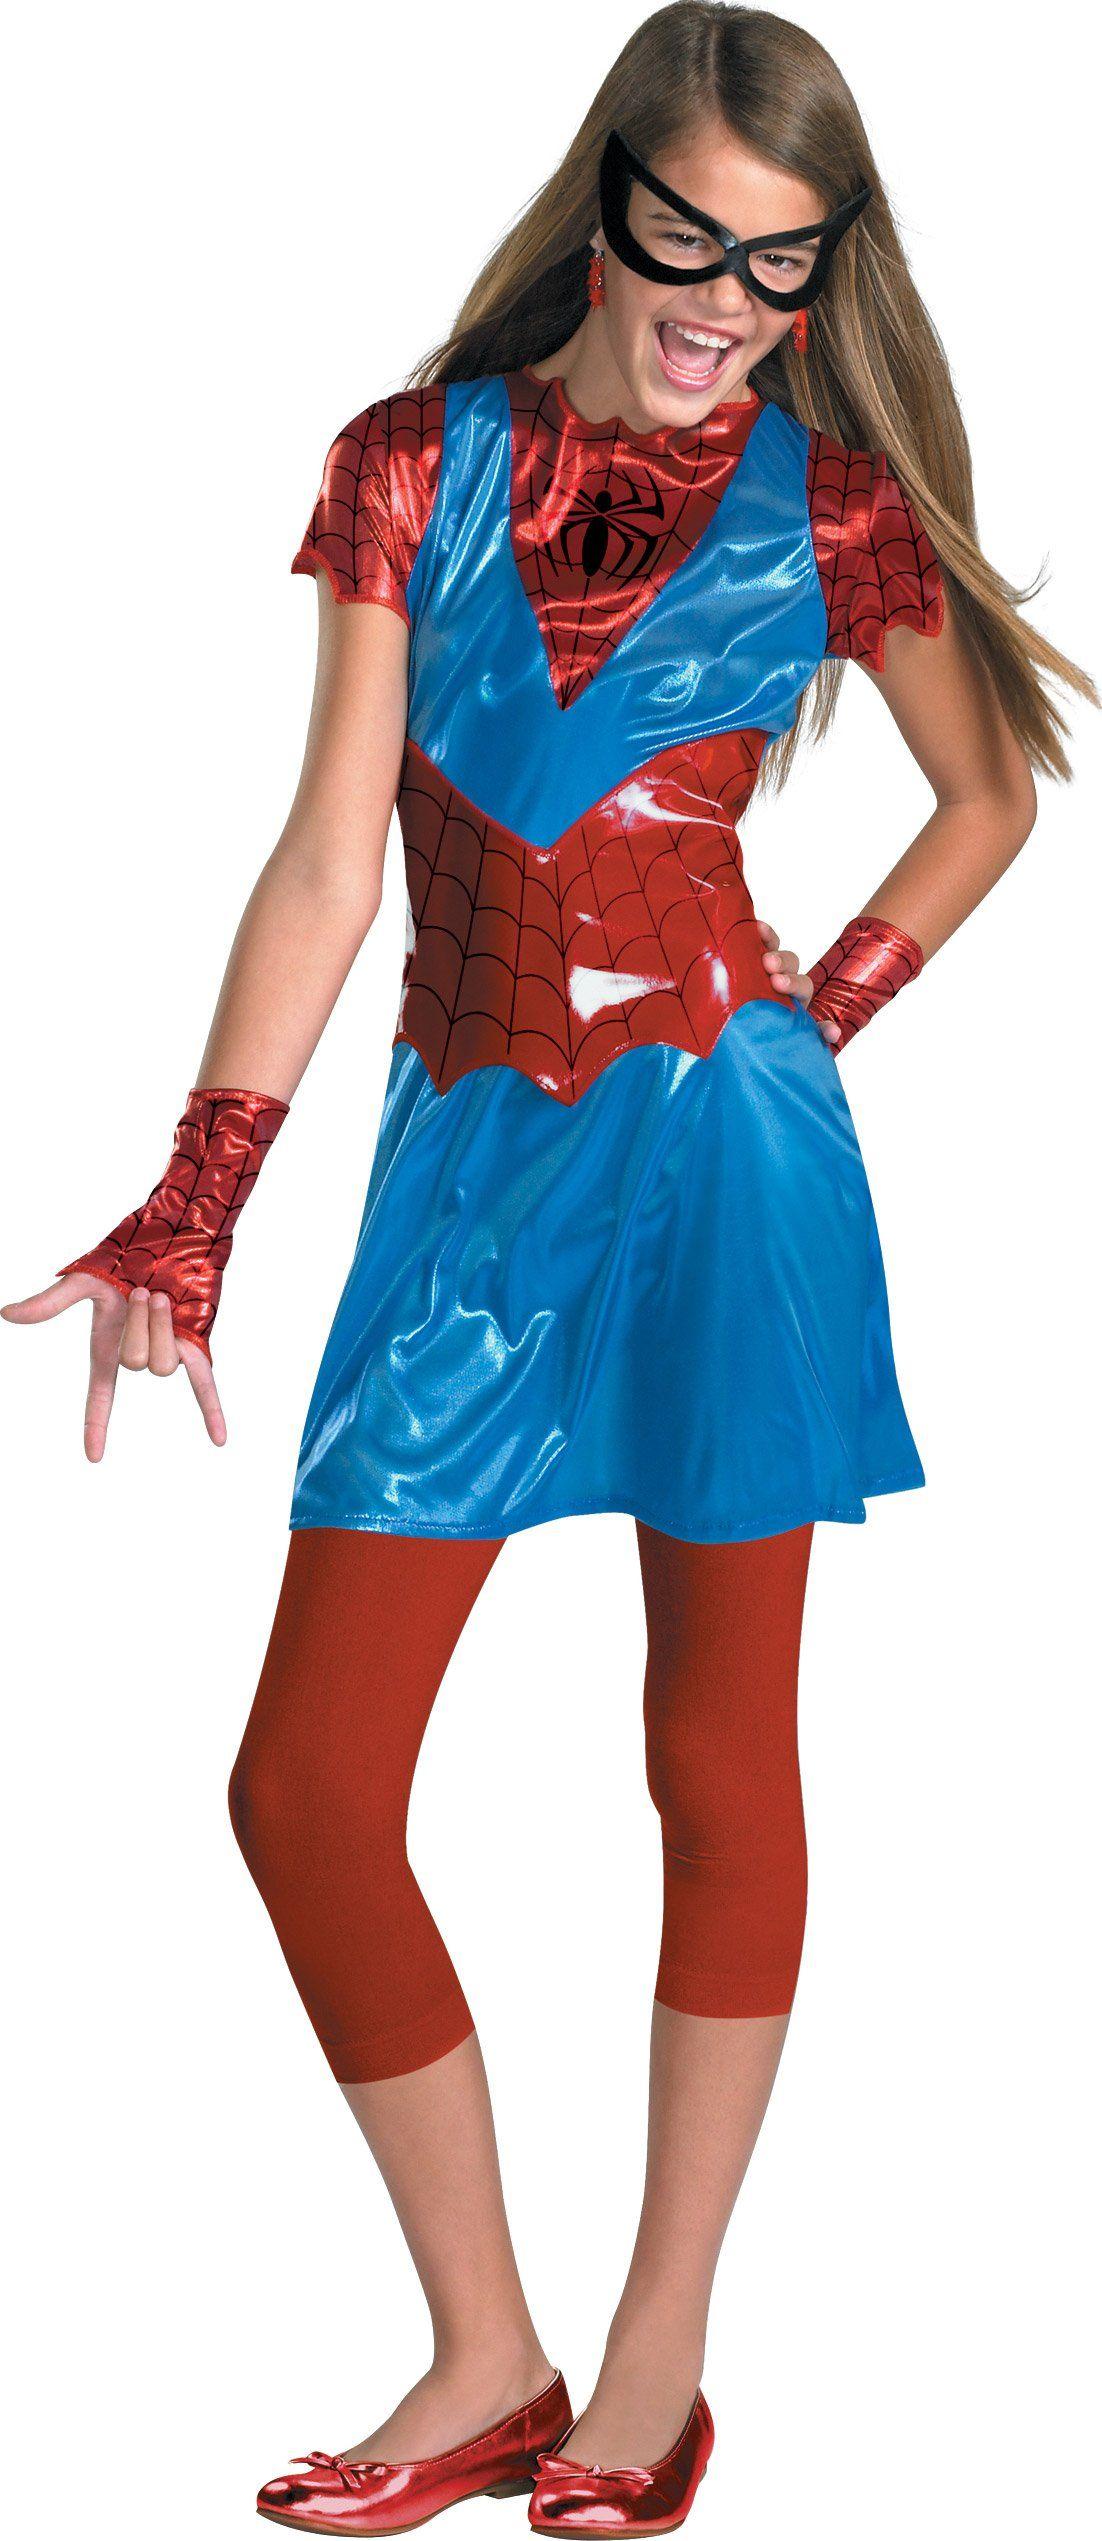 i love spider mann <3